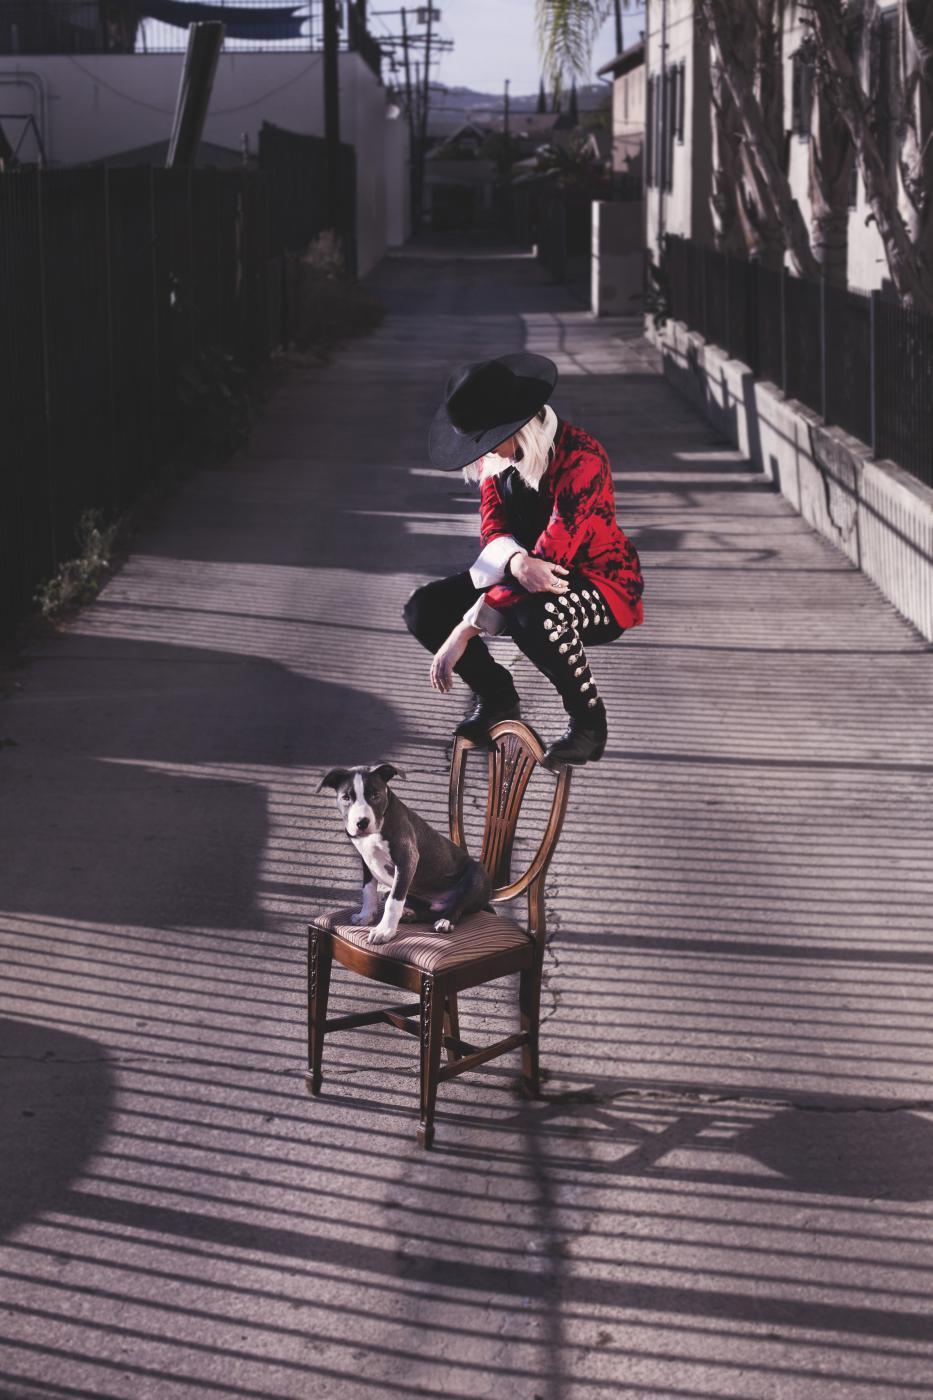 Антигравитация на фотографиях от Майка Демпси